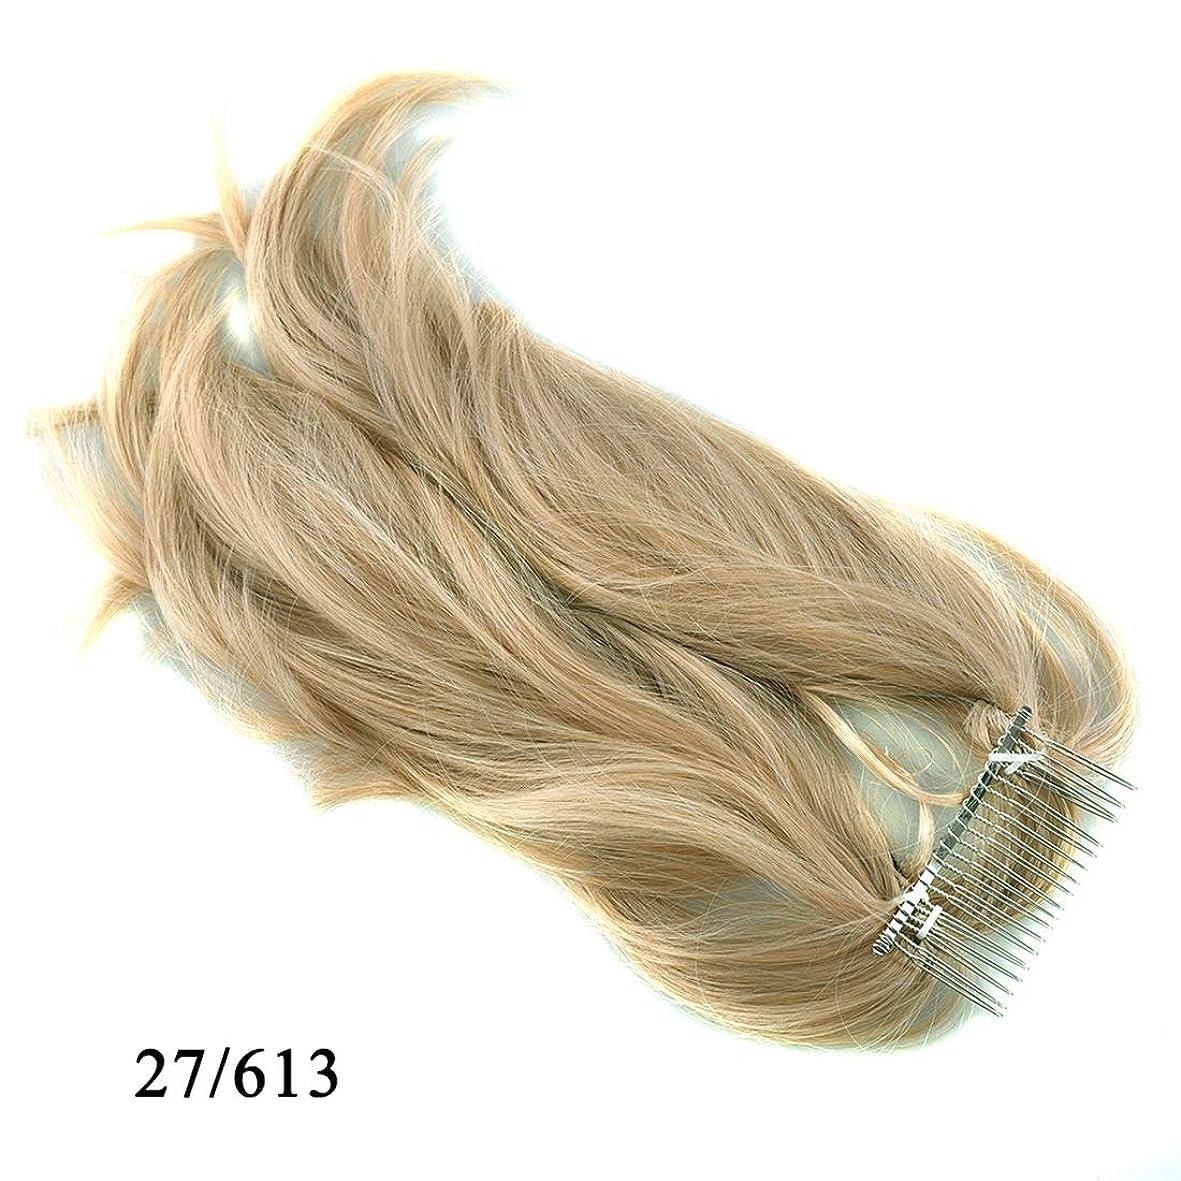 信じられない埋め込む包括的JIANFU かつらヘアリング様々な柔軟なポニーテールメタルプラグコムポニーテール化学繊維ヘアエクステンションピース (Color : 27/613)